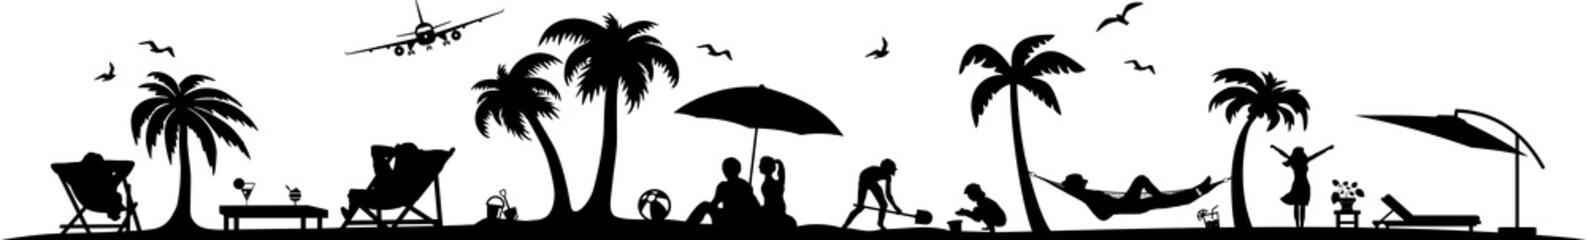 Bilder und Videos suchen: sonnenschirme